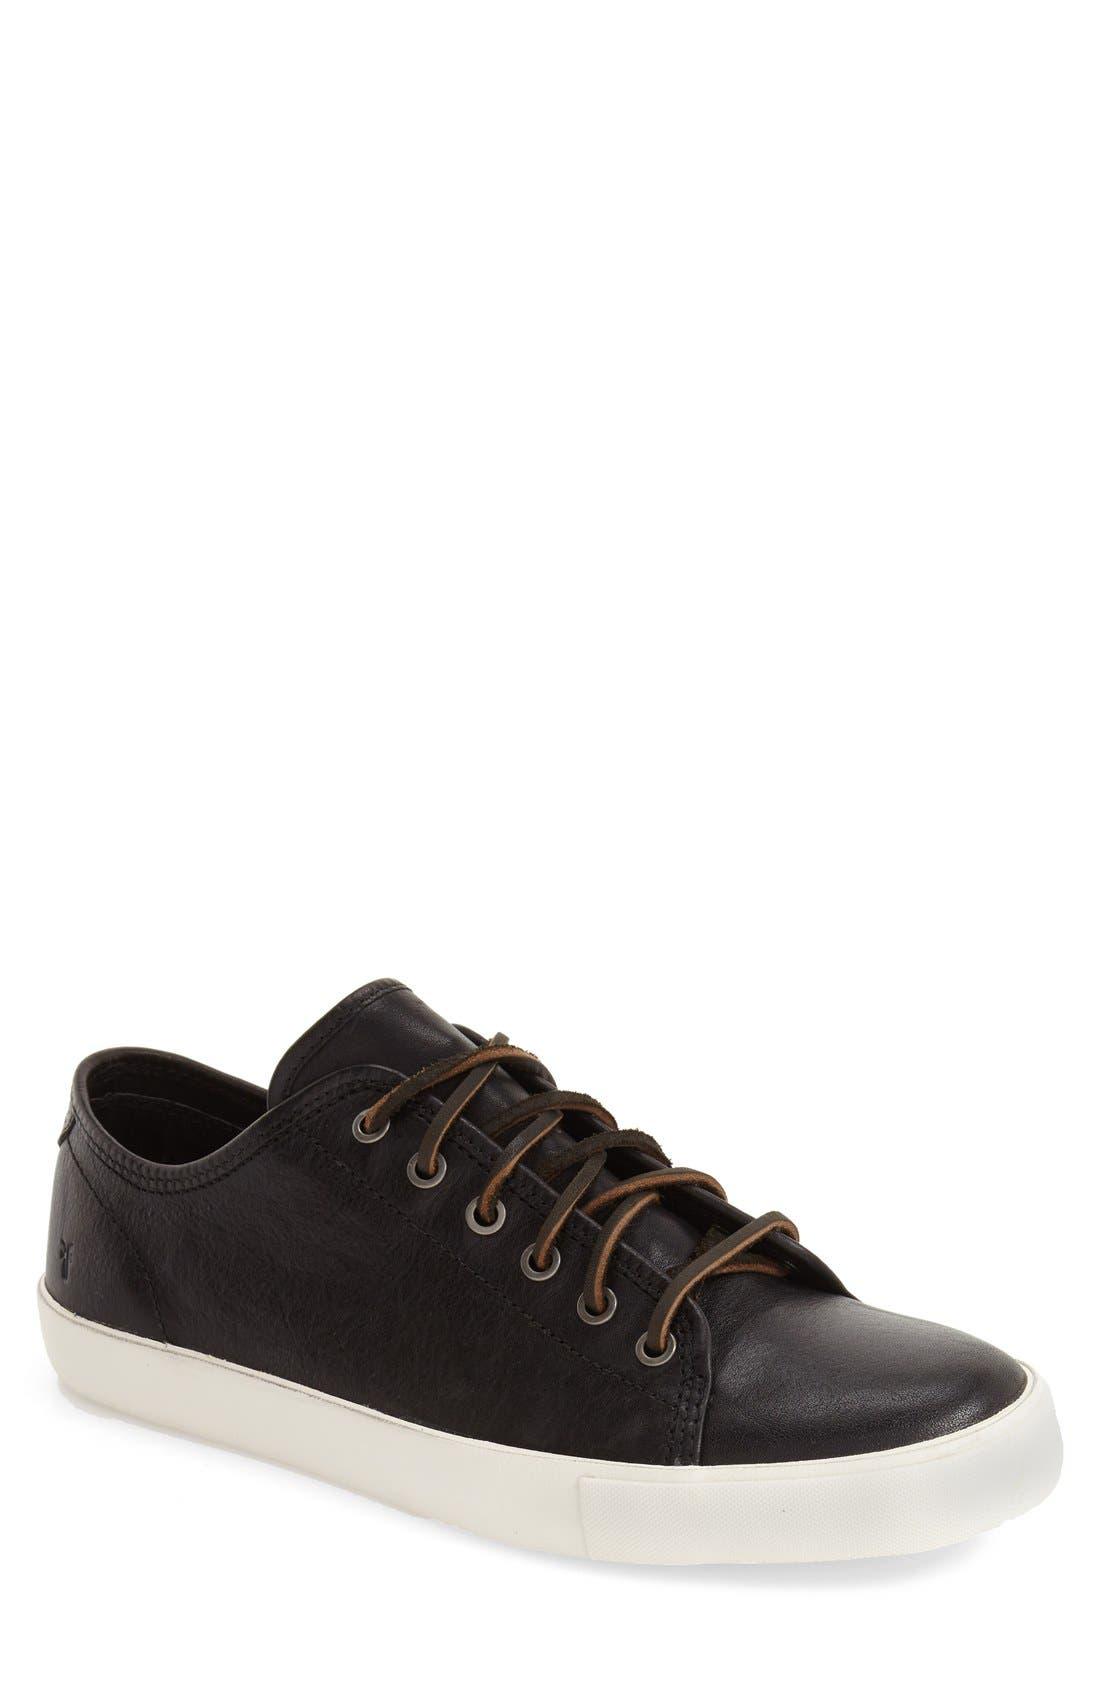 FRYE,                             'Brett' Sneaker,                             Main thumbnail 1, color,                             001